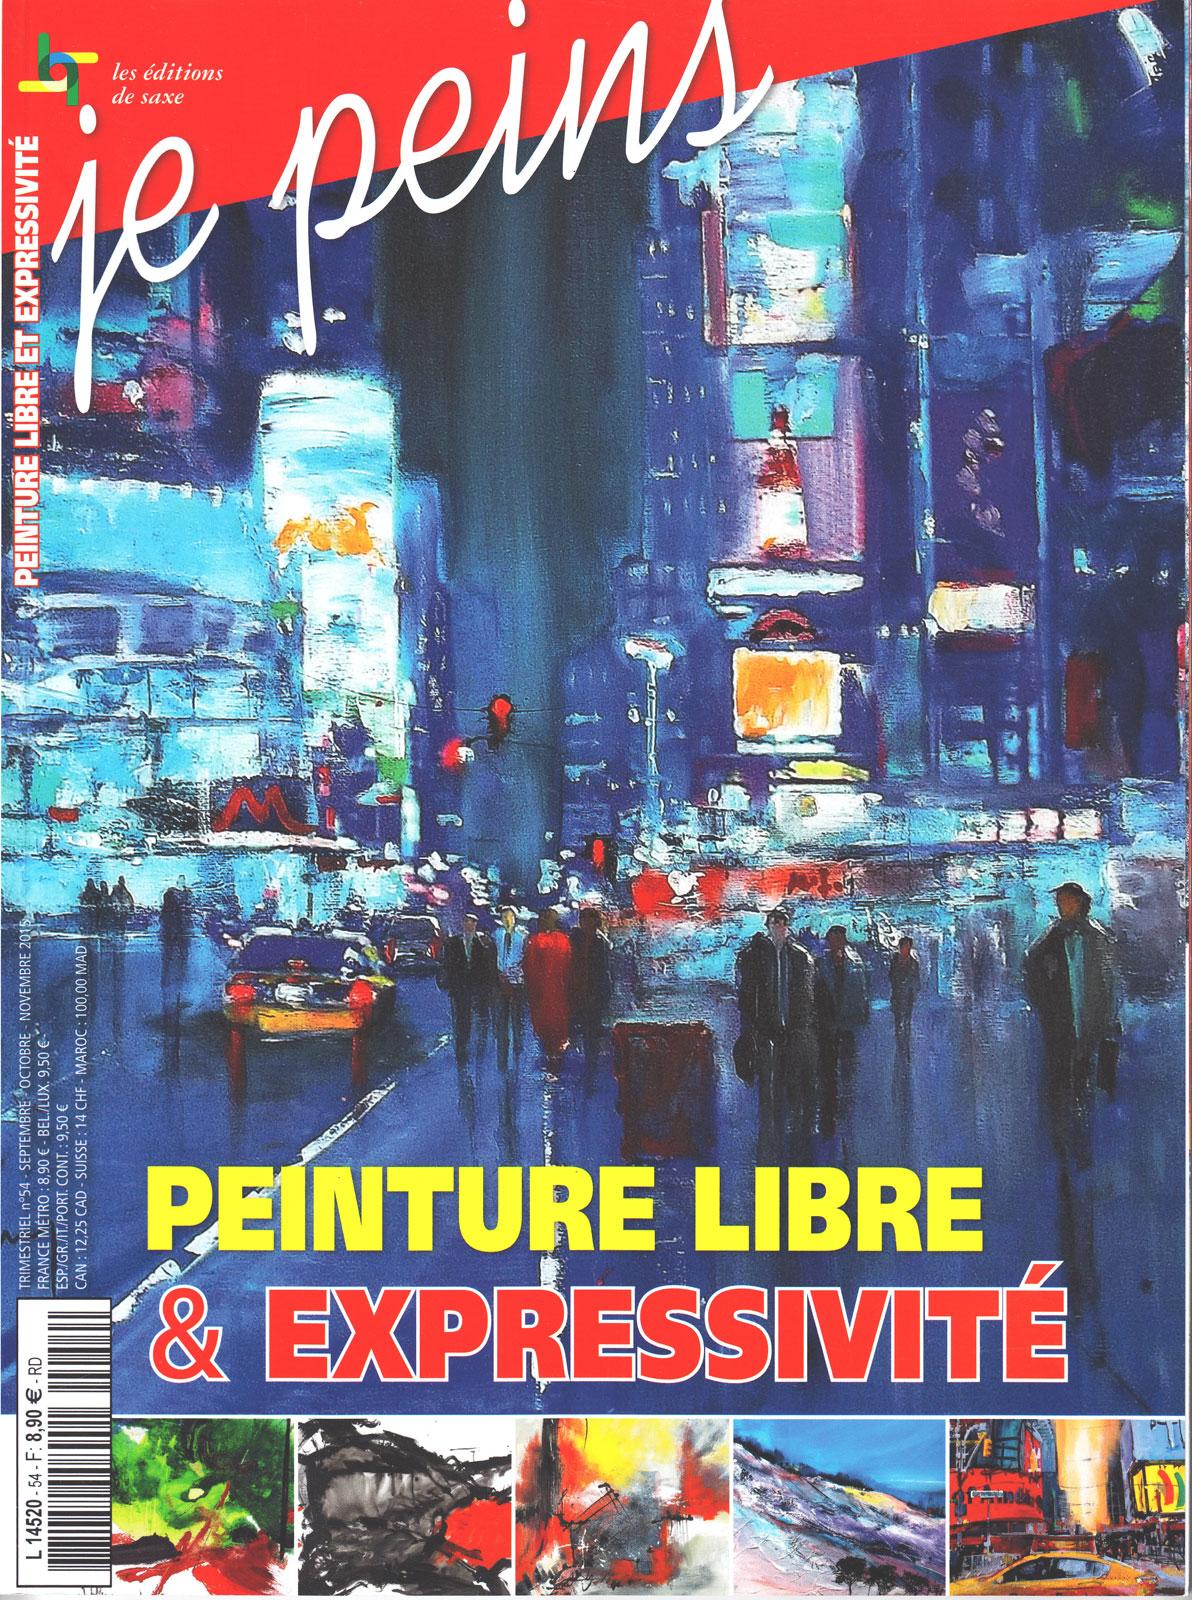 Magazine je peins - Peinture libre et expressivité